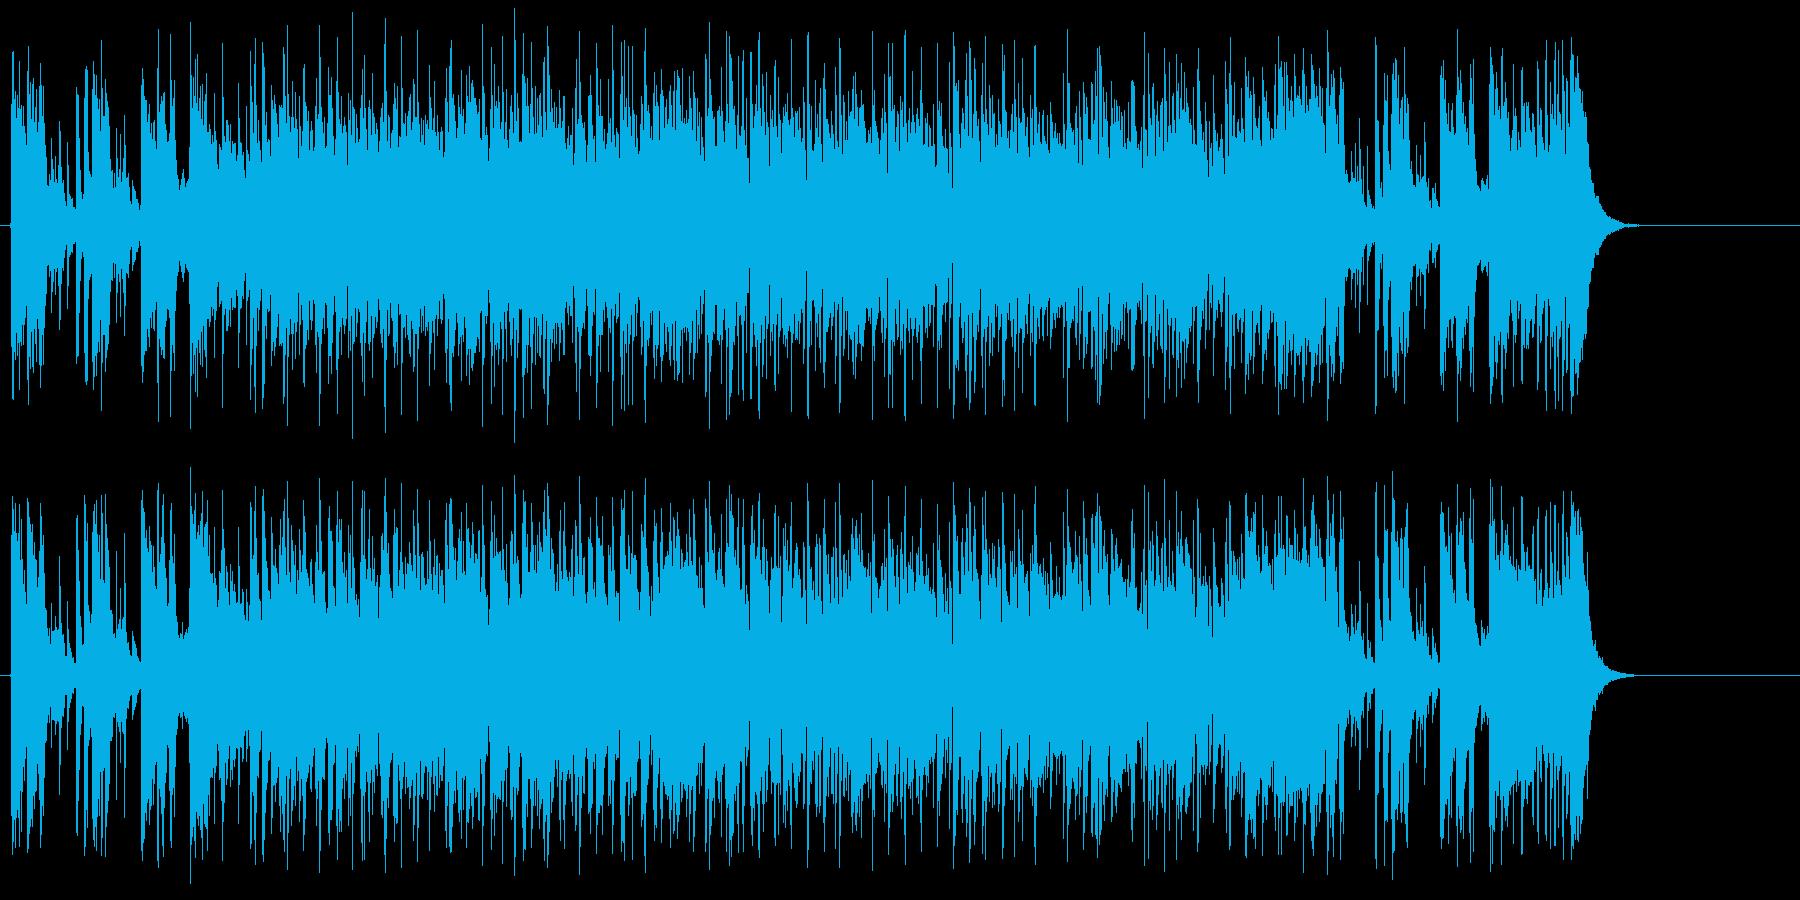 エンディング向け16ビートの再生済みの波形